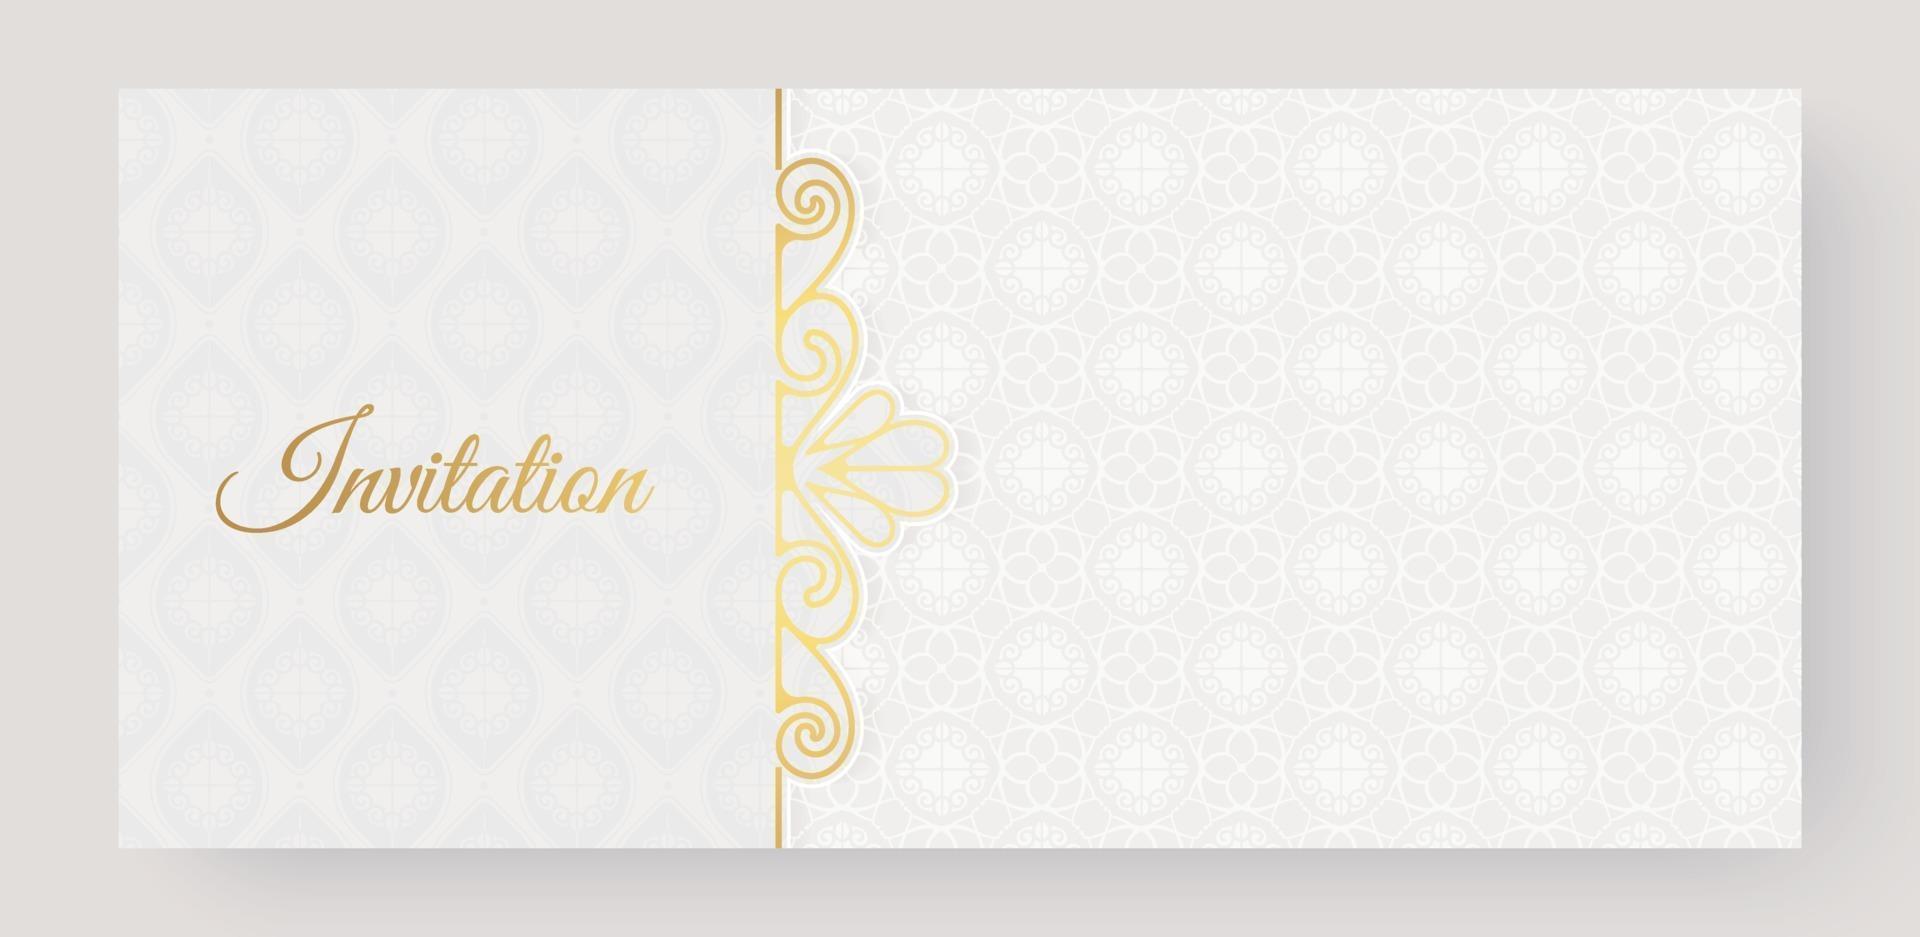 patrón ornamental de lujo blanco invitación fondo estilo vector